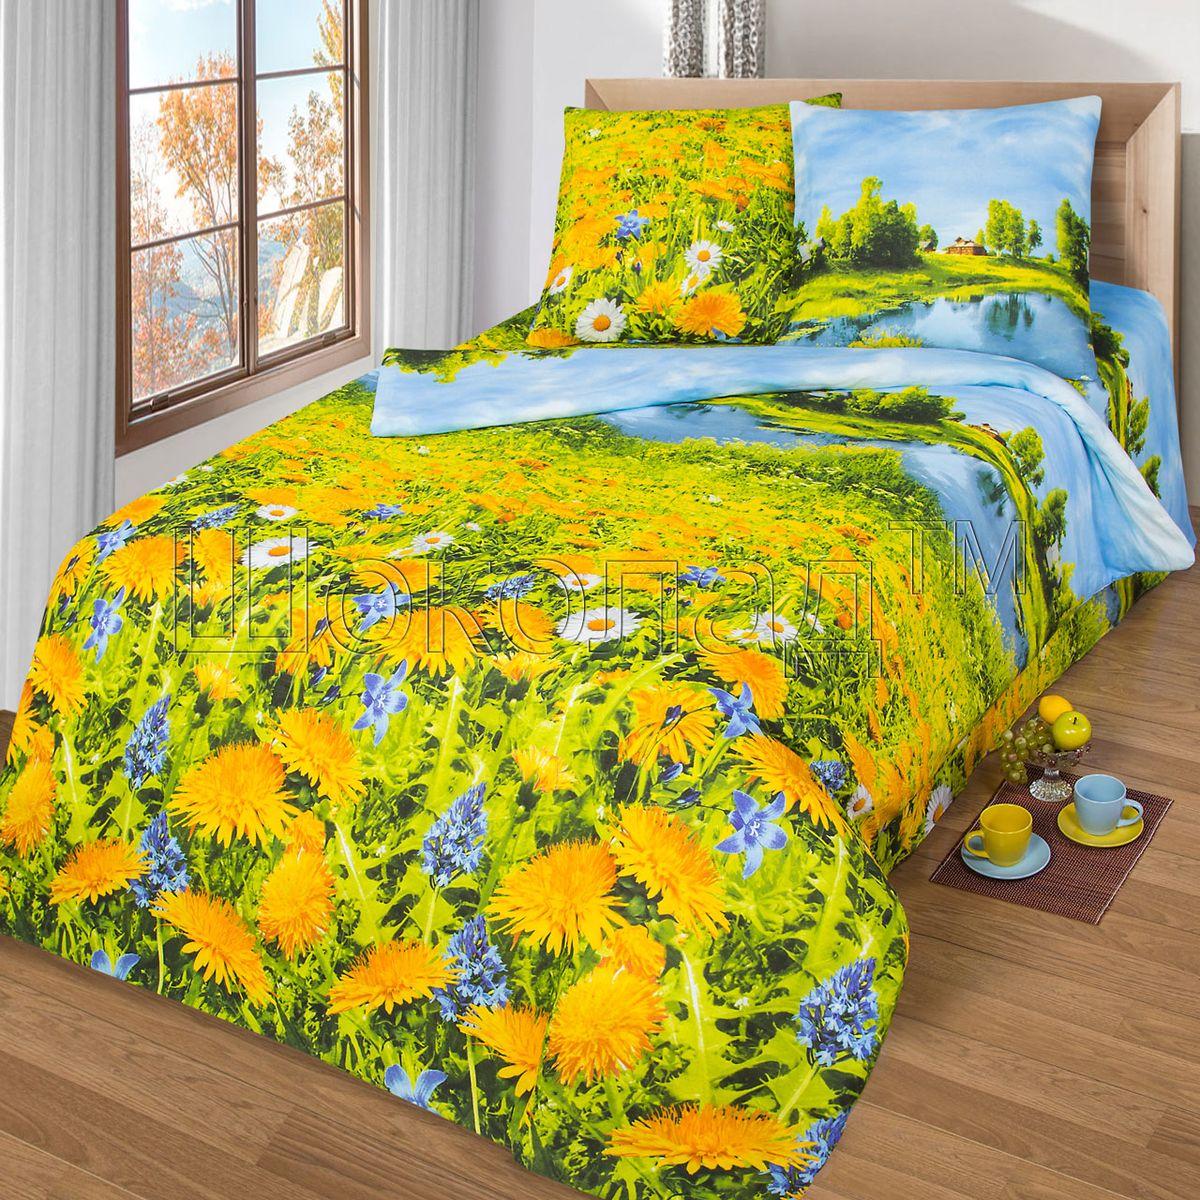 Комплект белья Шоколад Душистый луг, 1,5-спальный, наволочки 70x70. Б100Б100